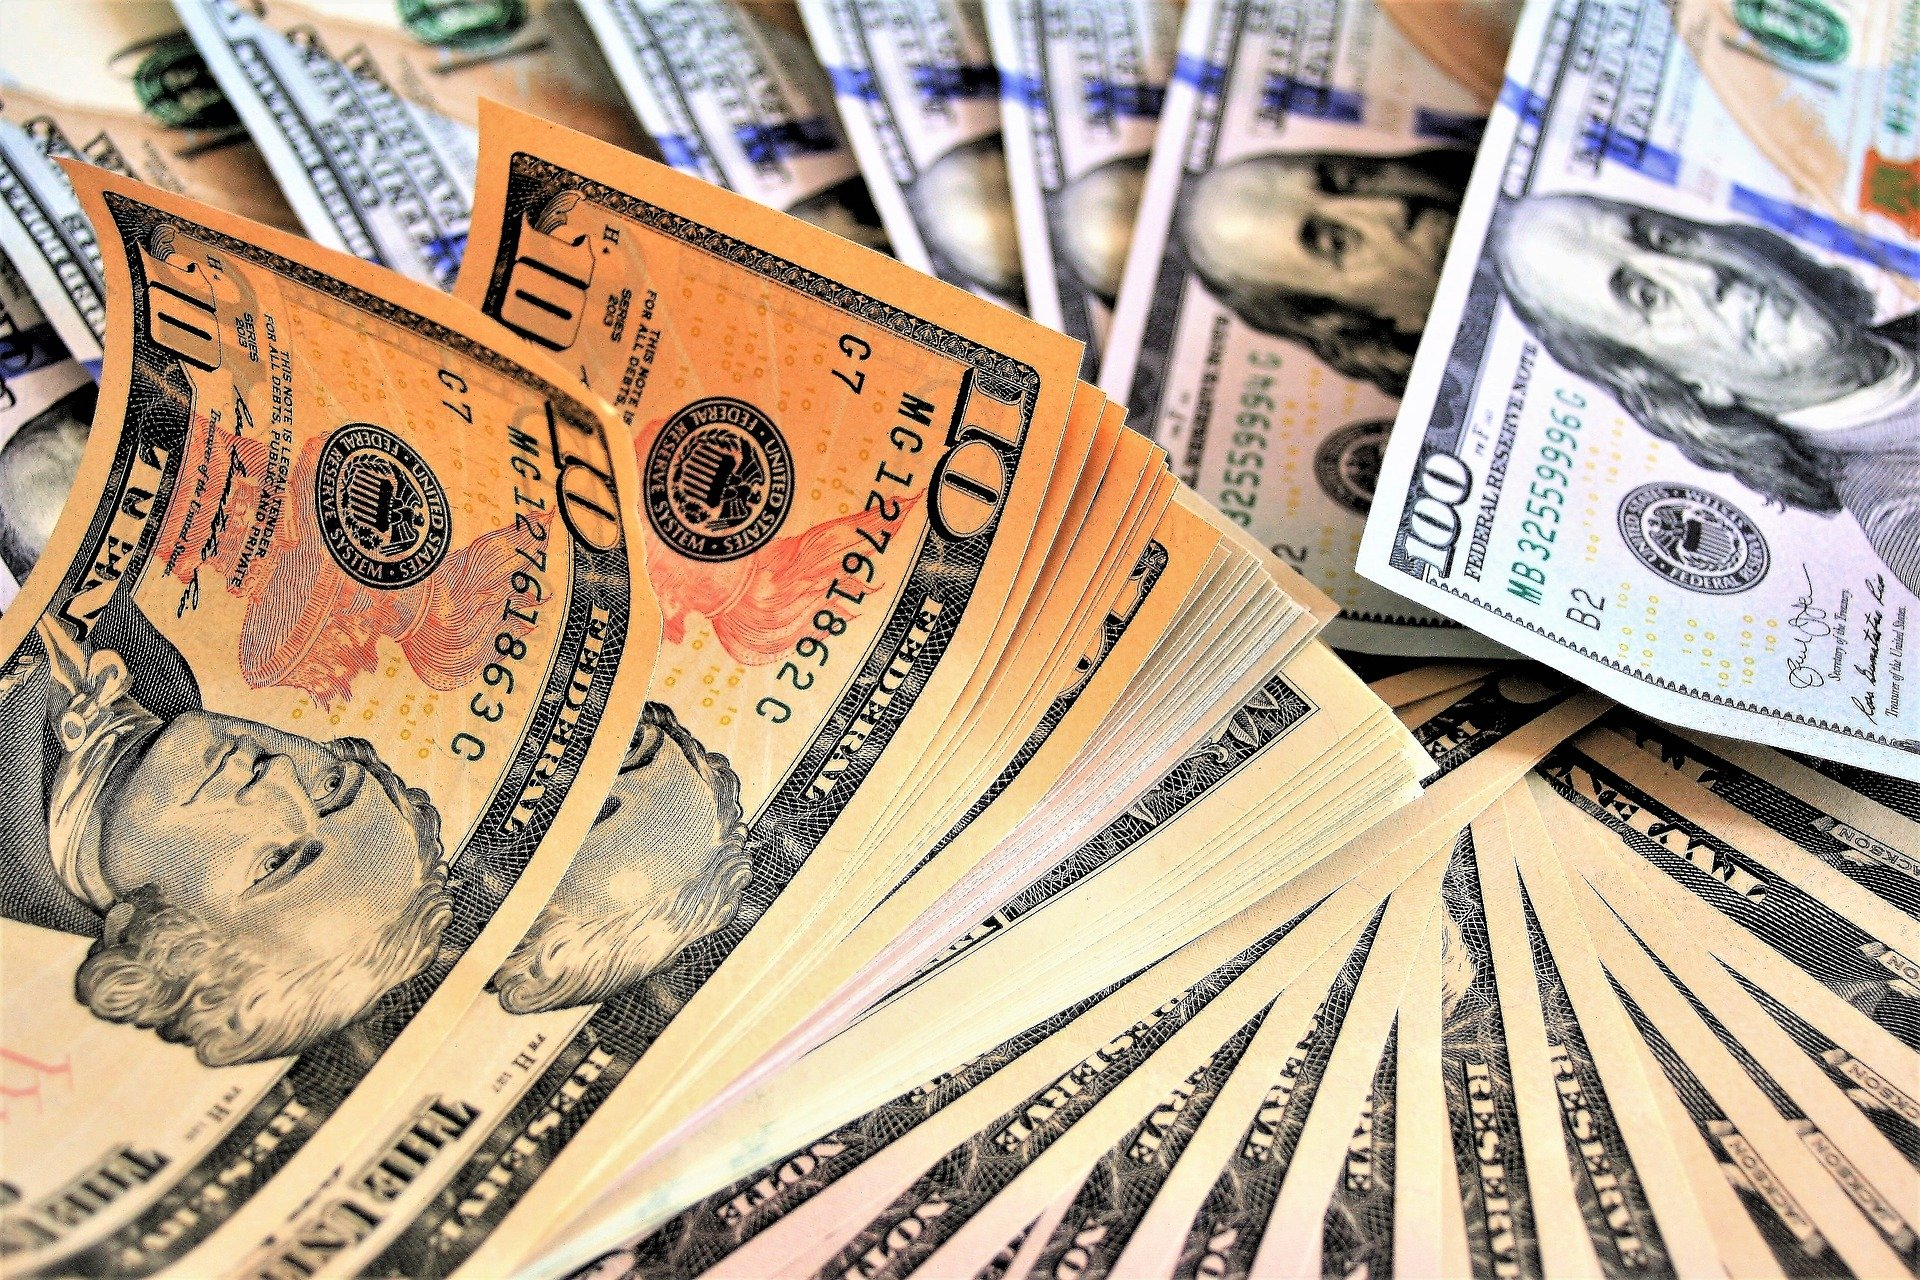 cum să câștigi mulți bani în cel mai scurt timp cum să faci bani oameni bogați